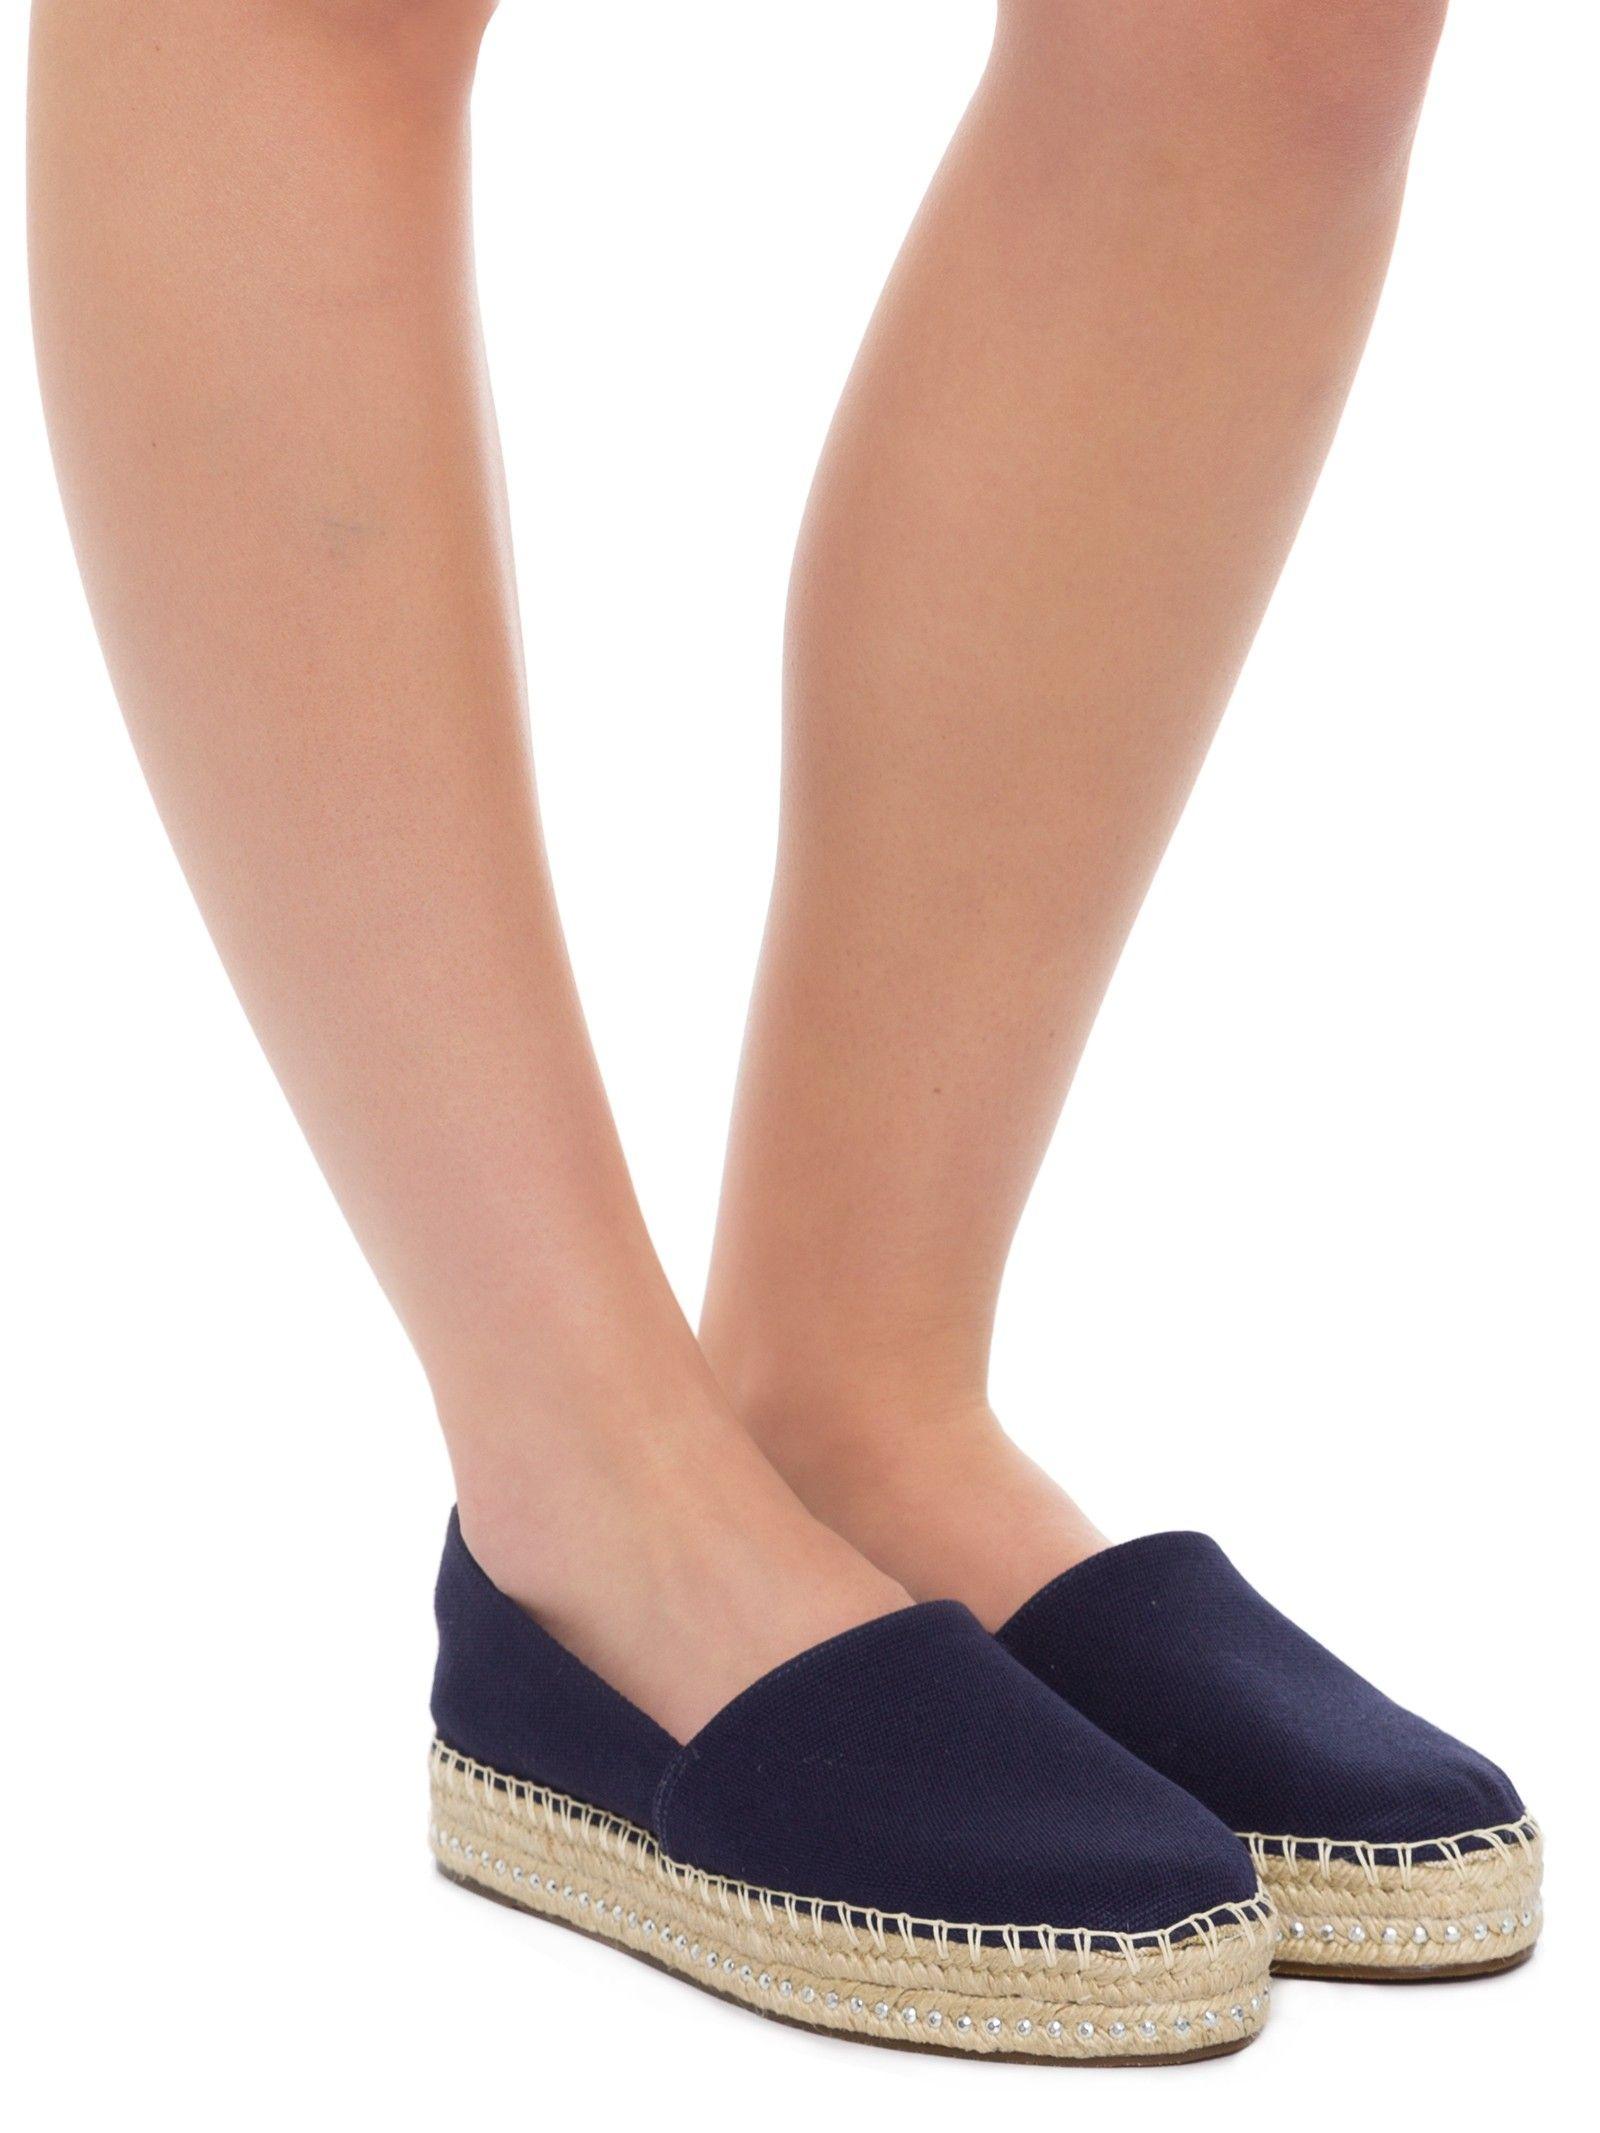 4f7a7e0627 Sapato Fechado Salto Rasteiro Lona Terra - Schutz - Azul - Shop2gether